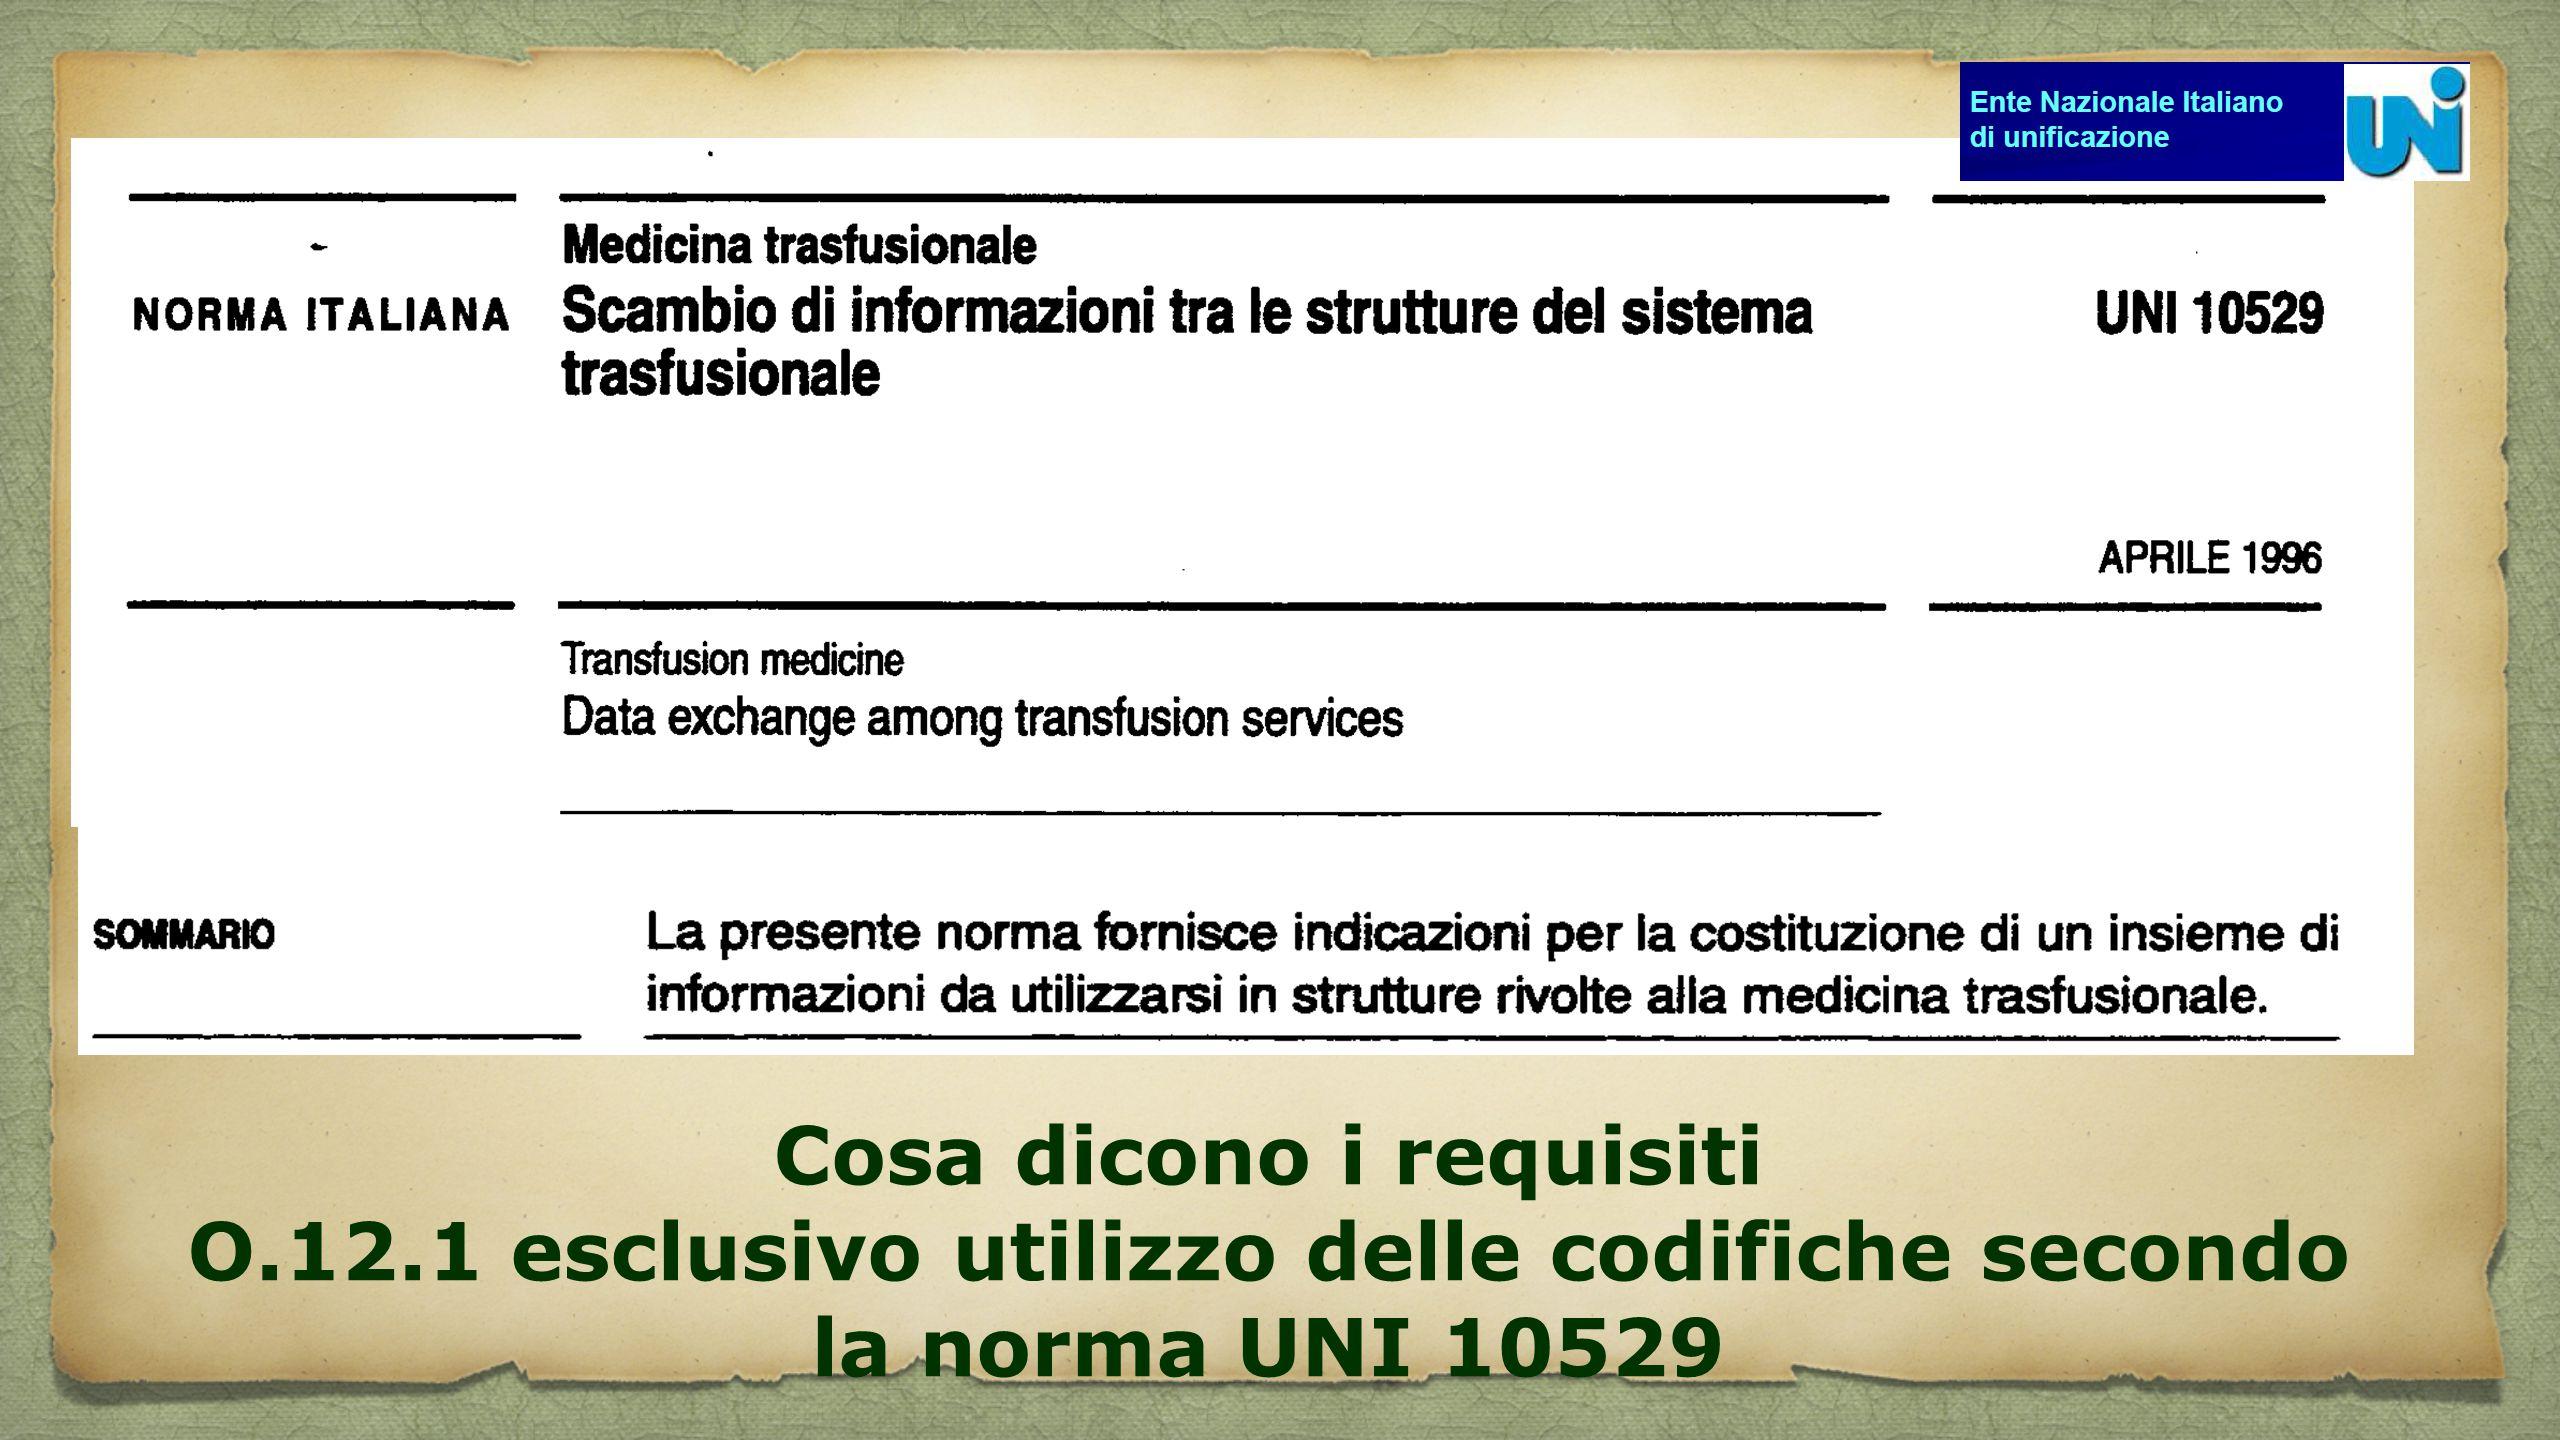 Cosa dicono i requisiti O.12.1 esclusivo utilizzo delle codifiche secondo la norma UNI 10529